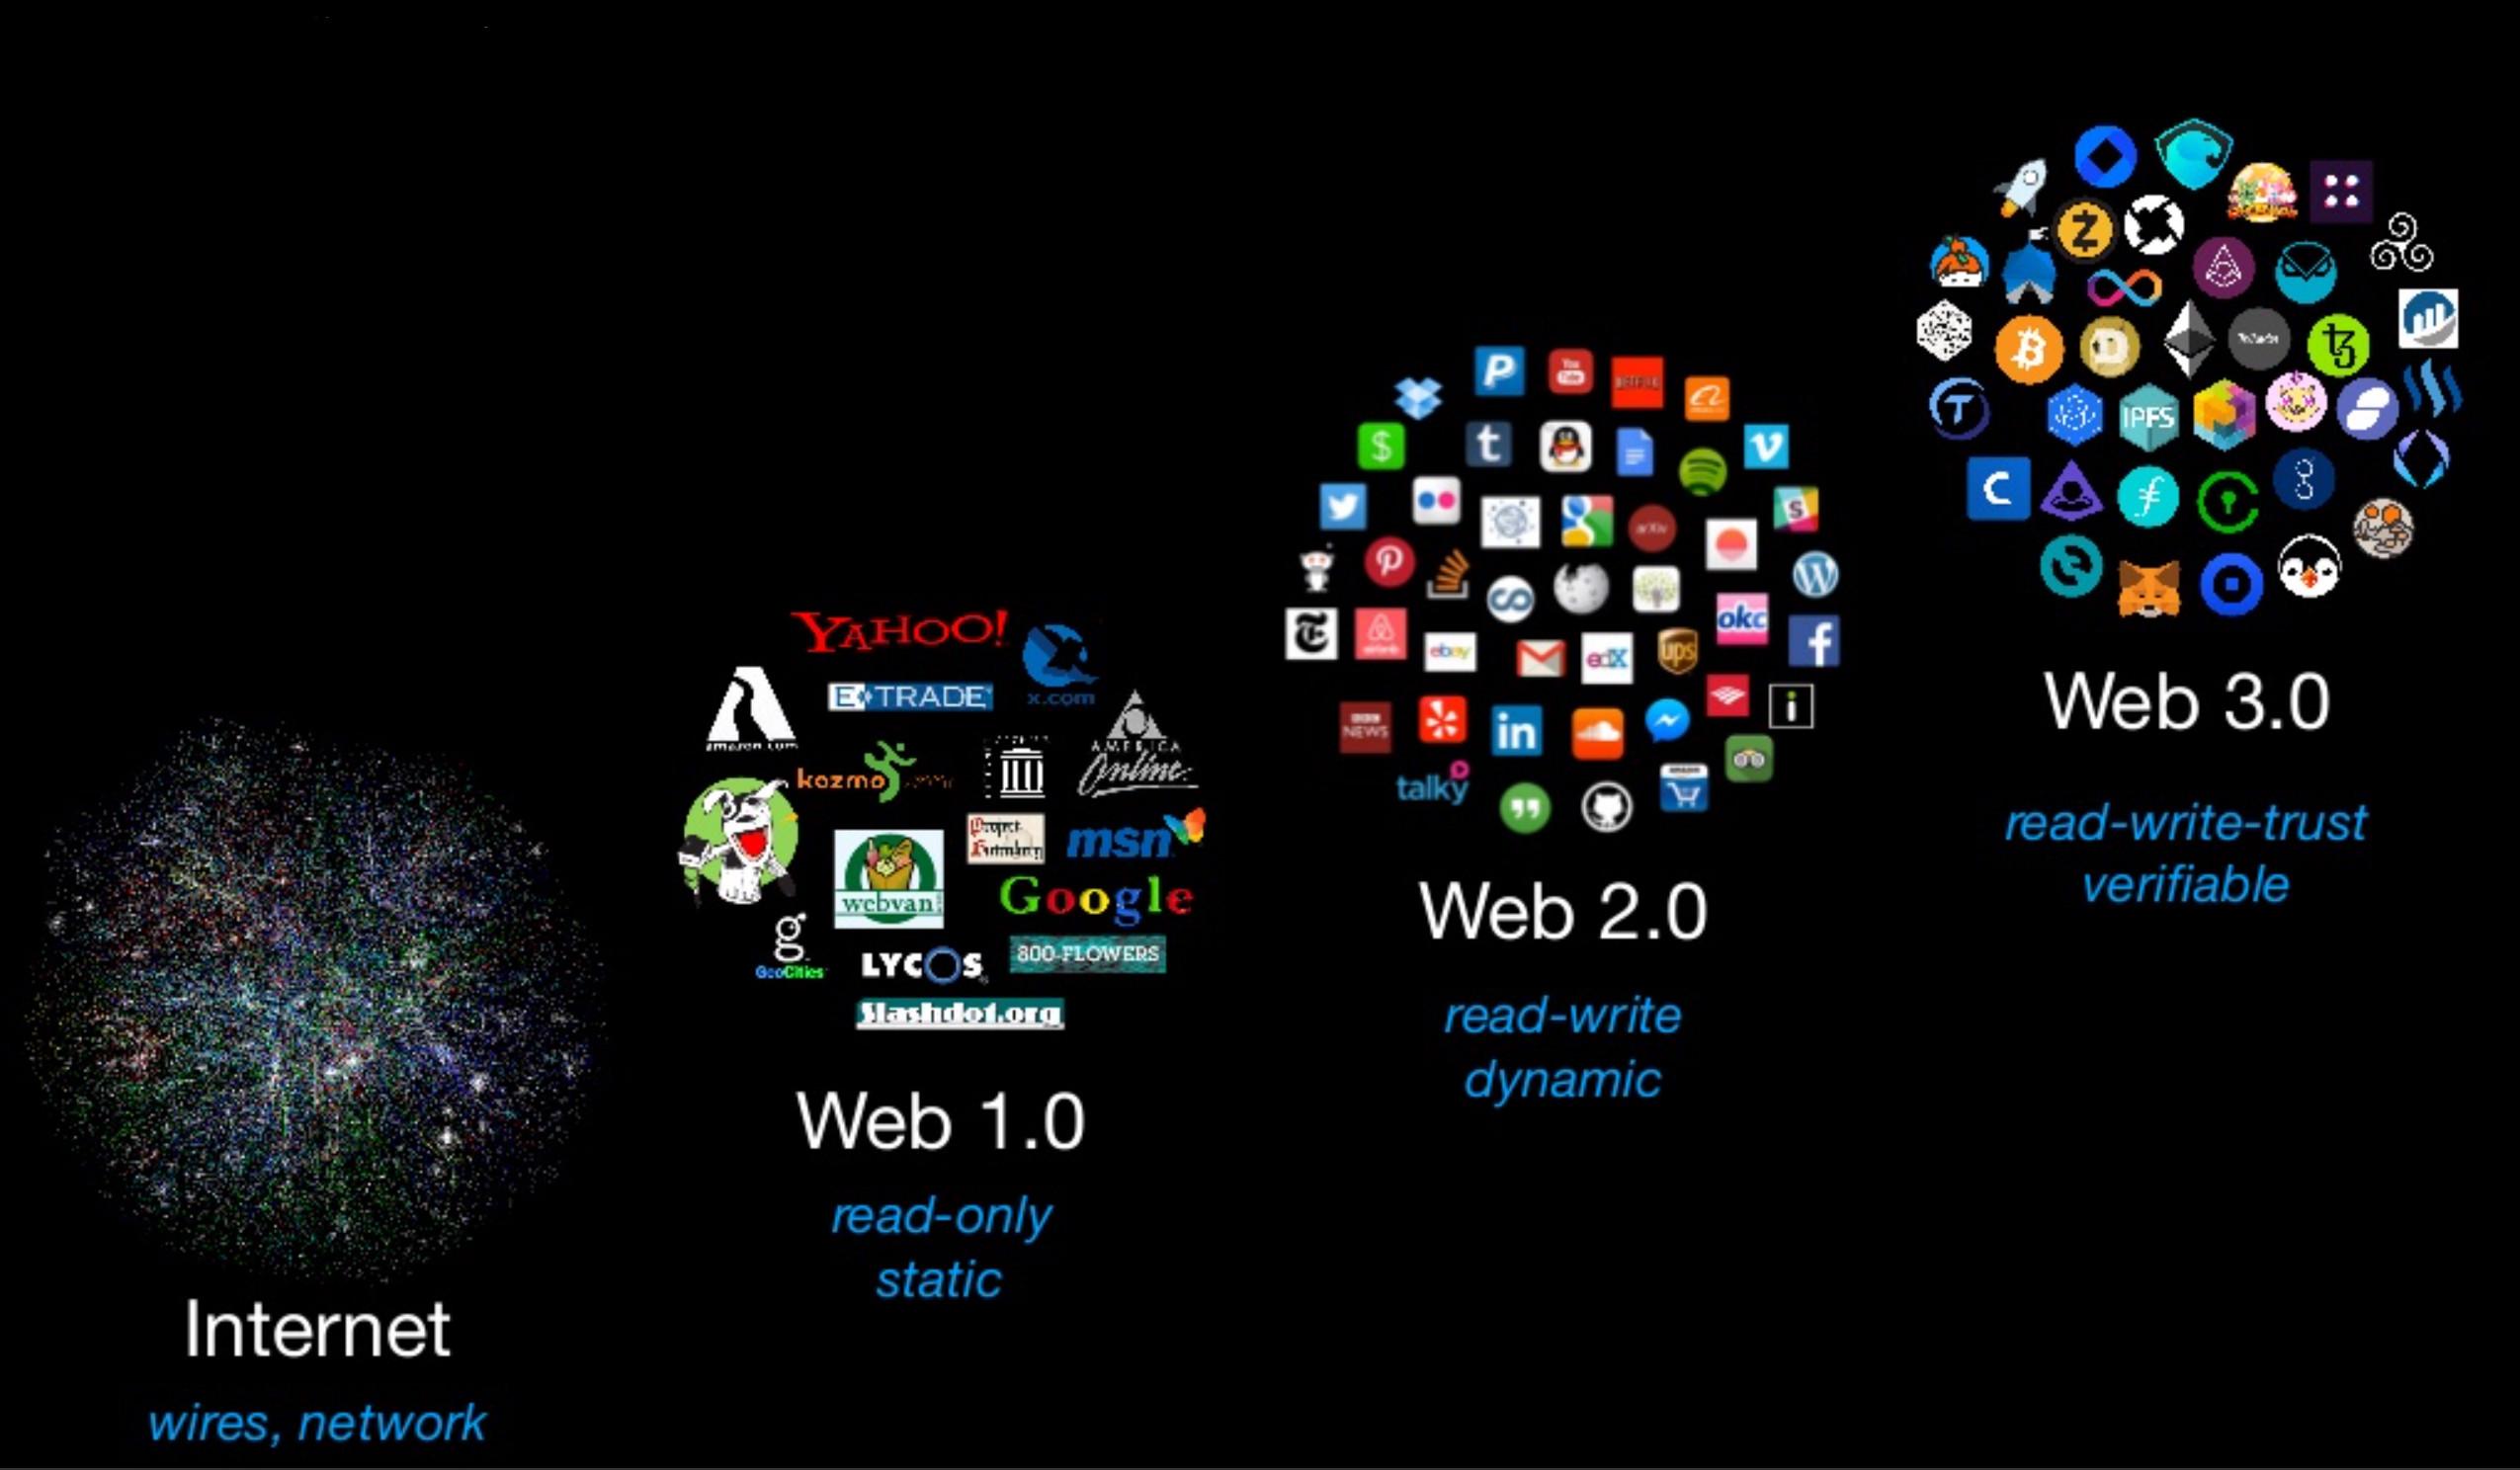 او میآید، web3 رو میگم!